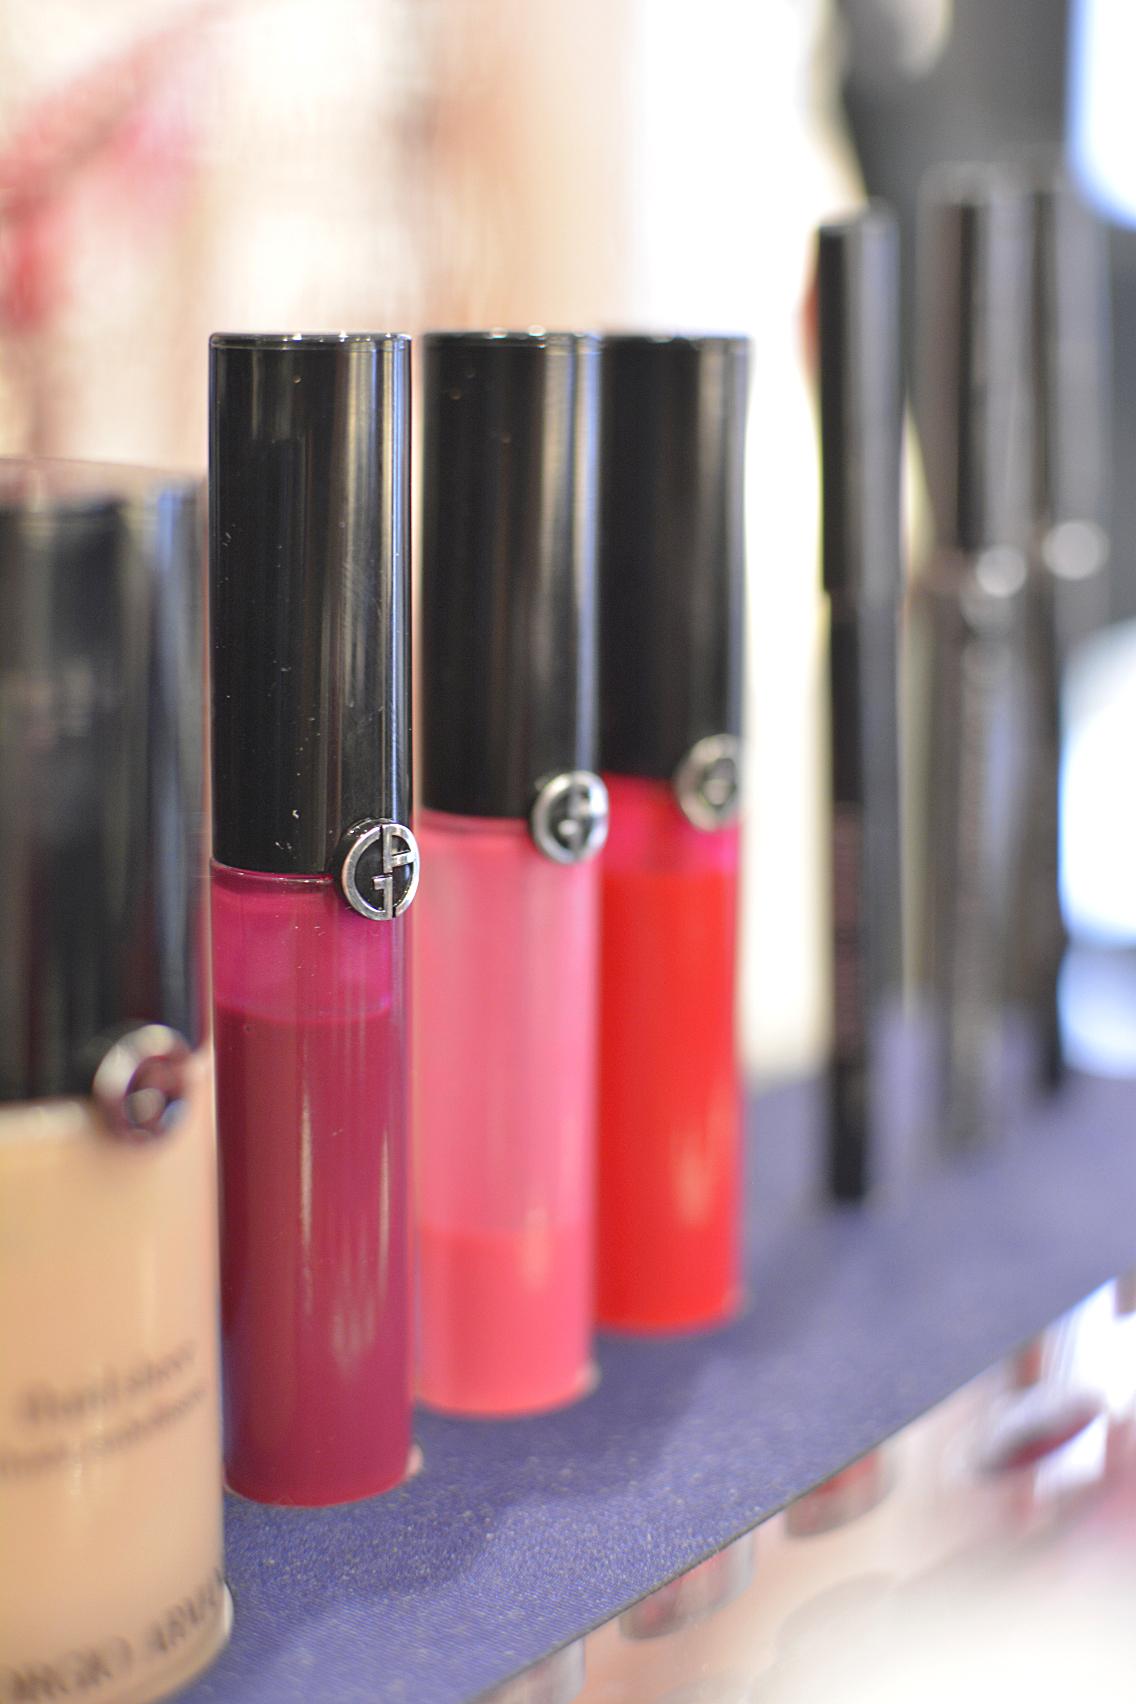 Giorgio Armani Beauty Chicago 1